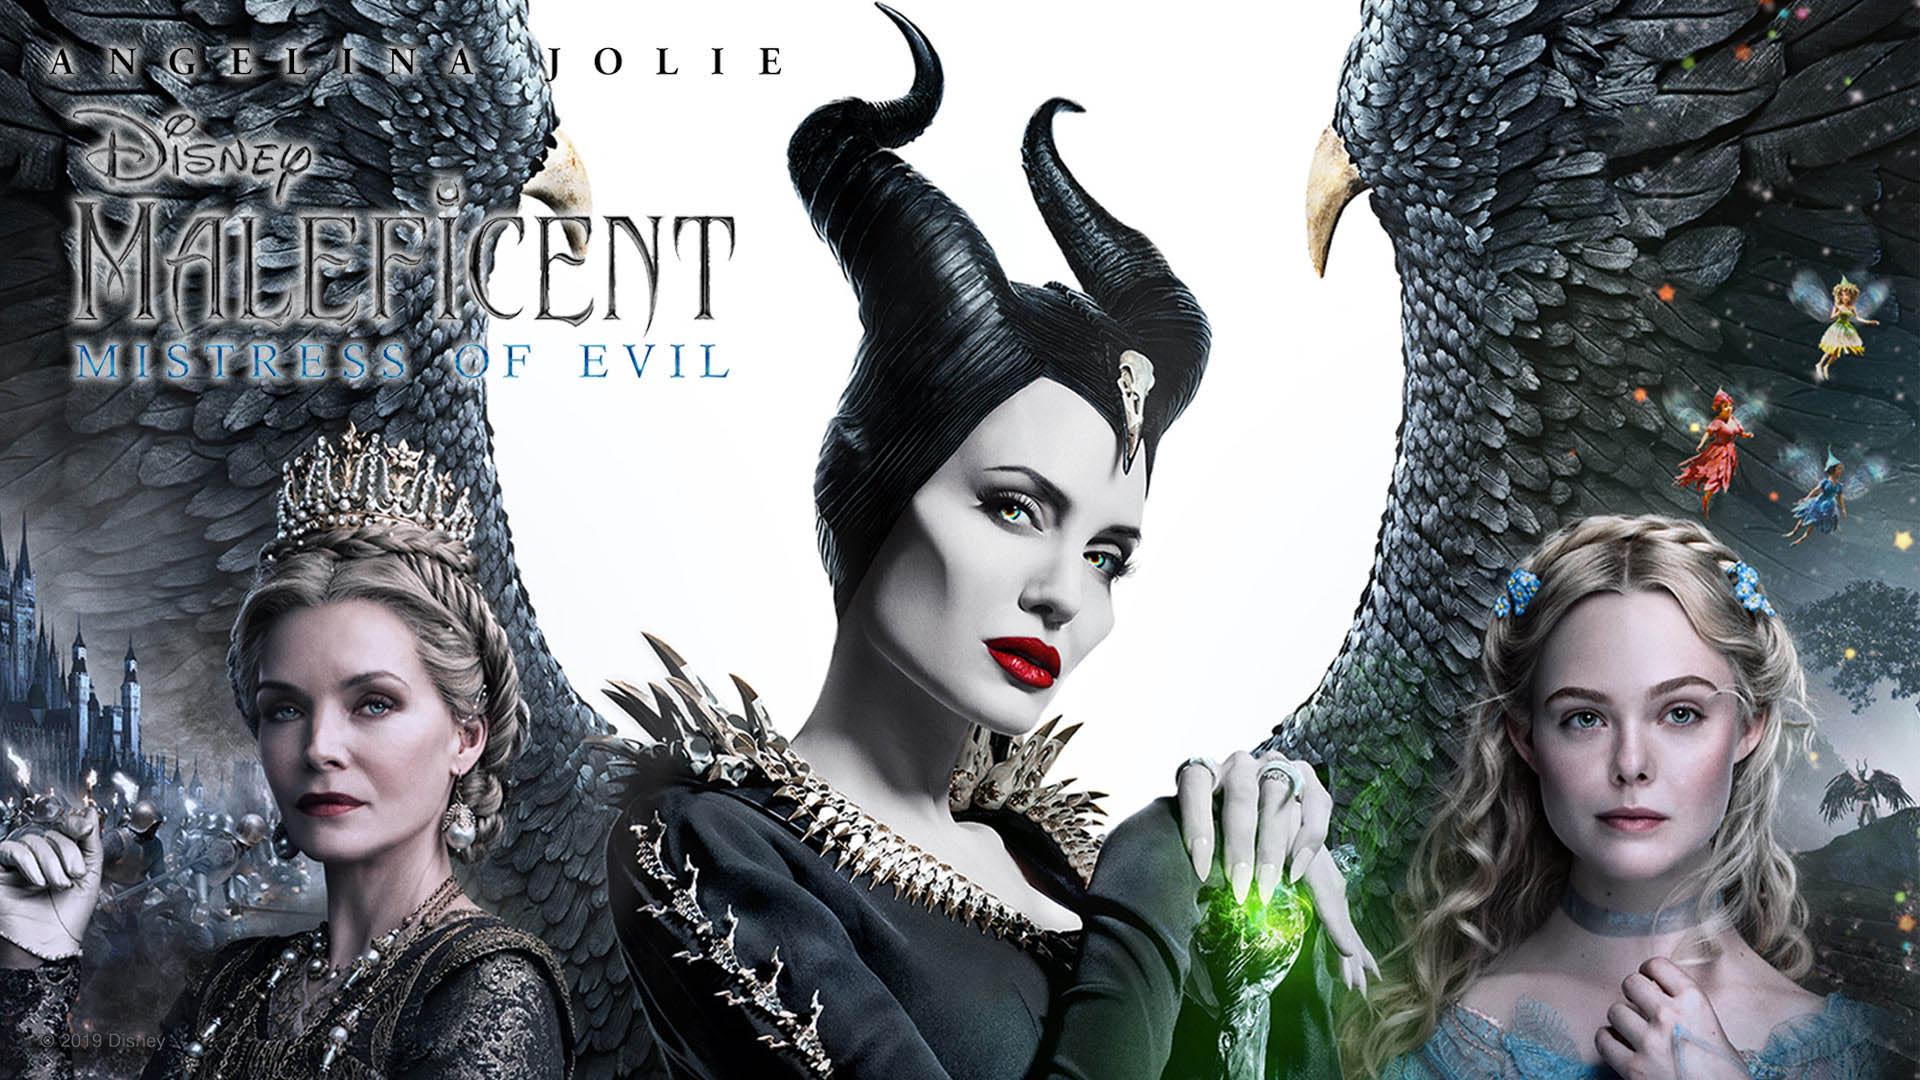 Maleficent: Mistress of Evil (4K UHD)